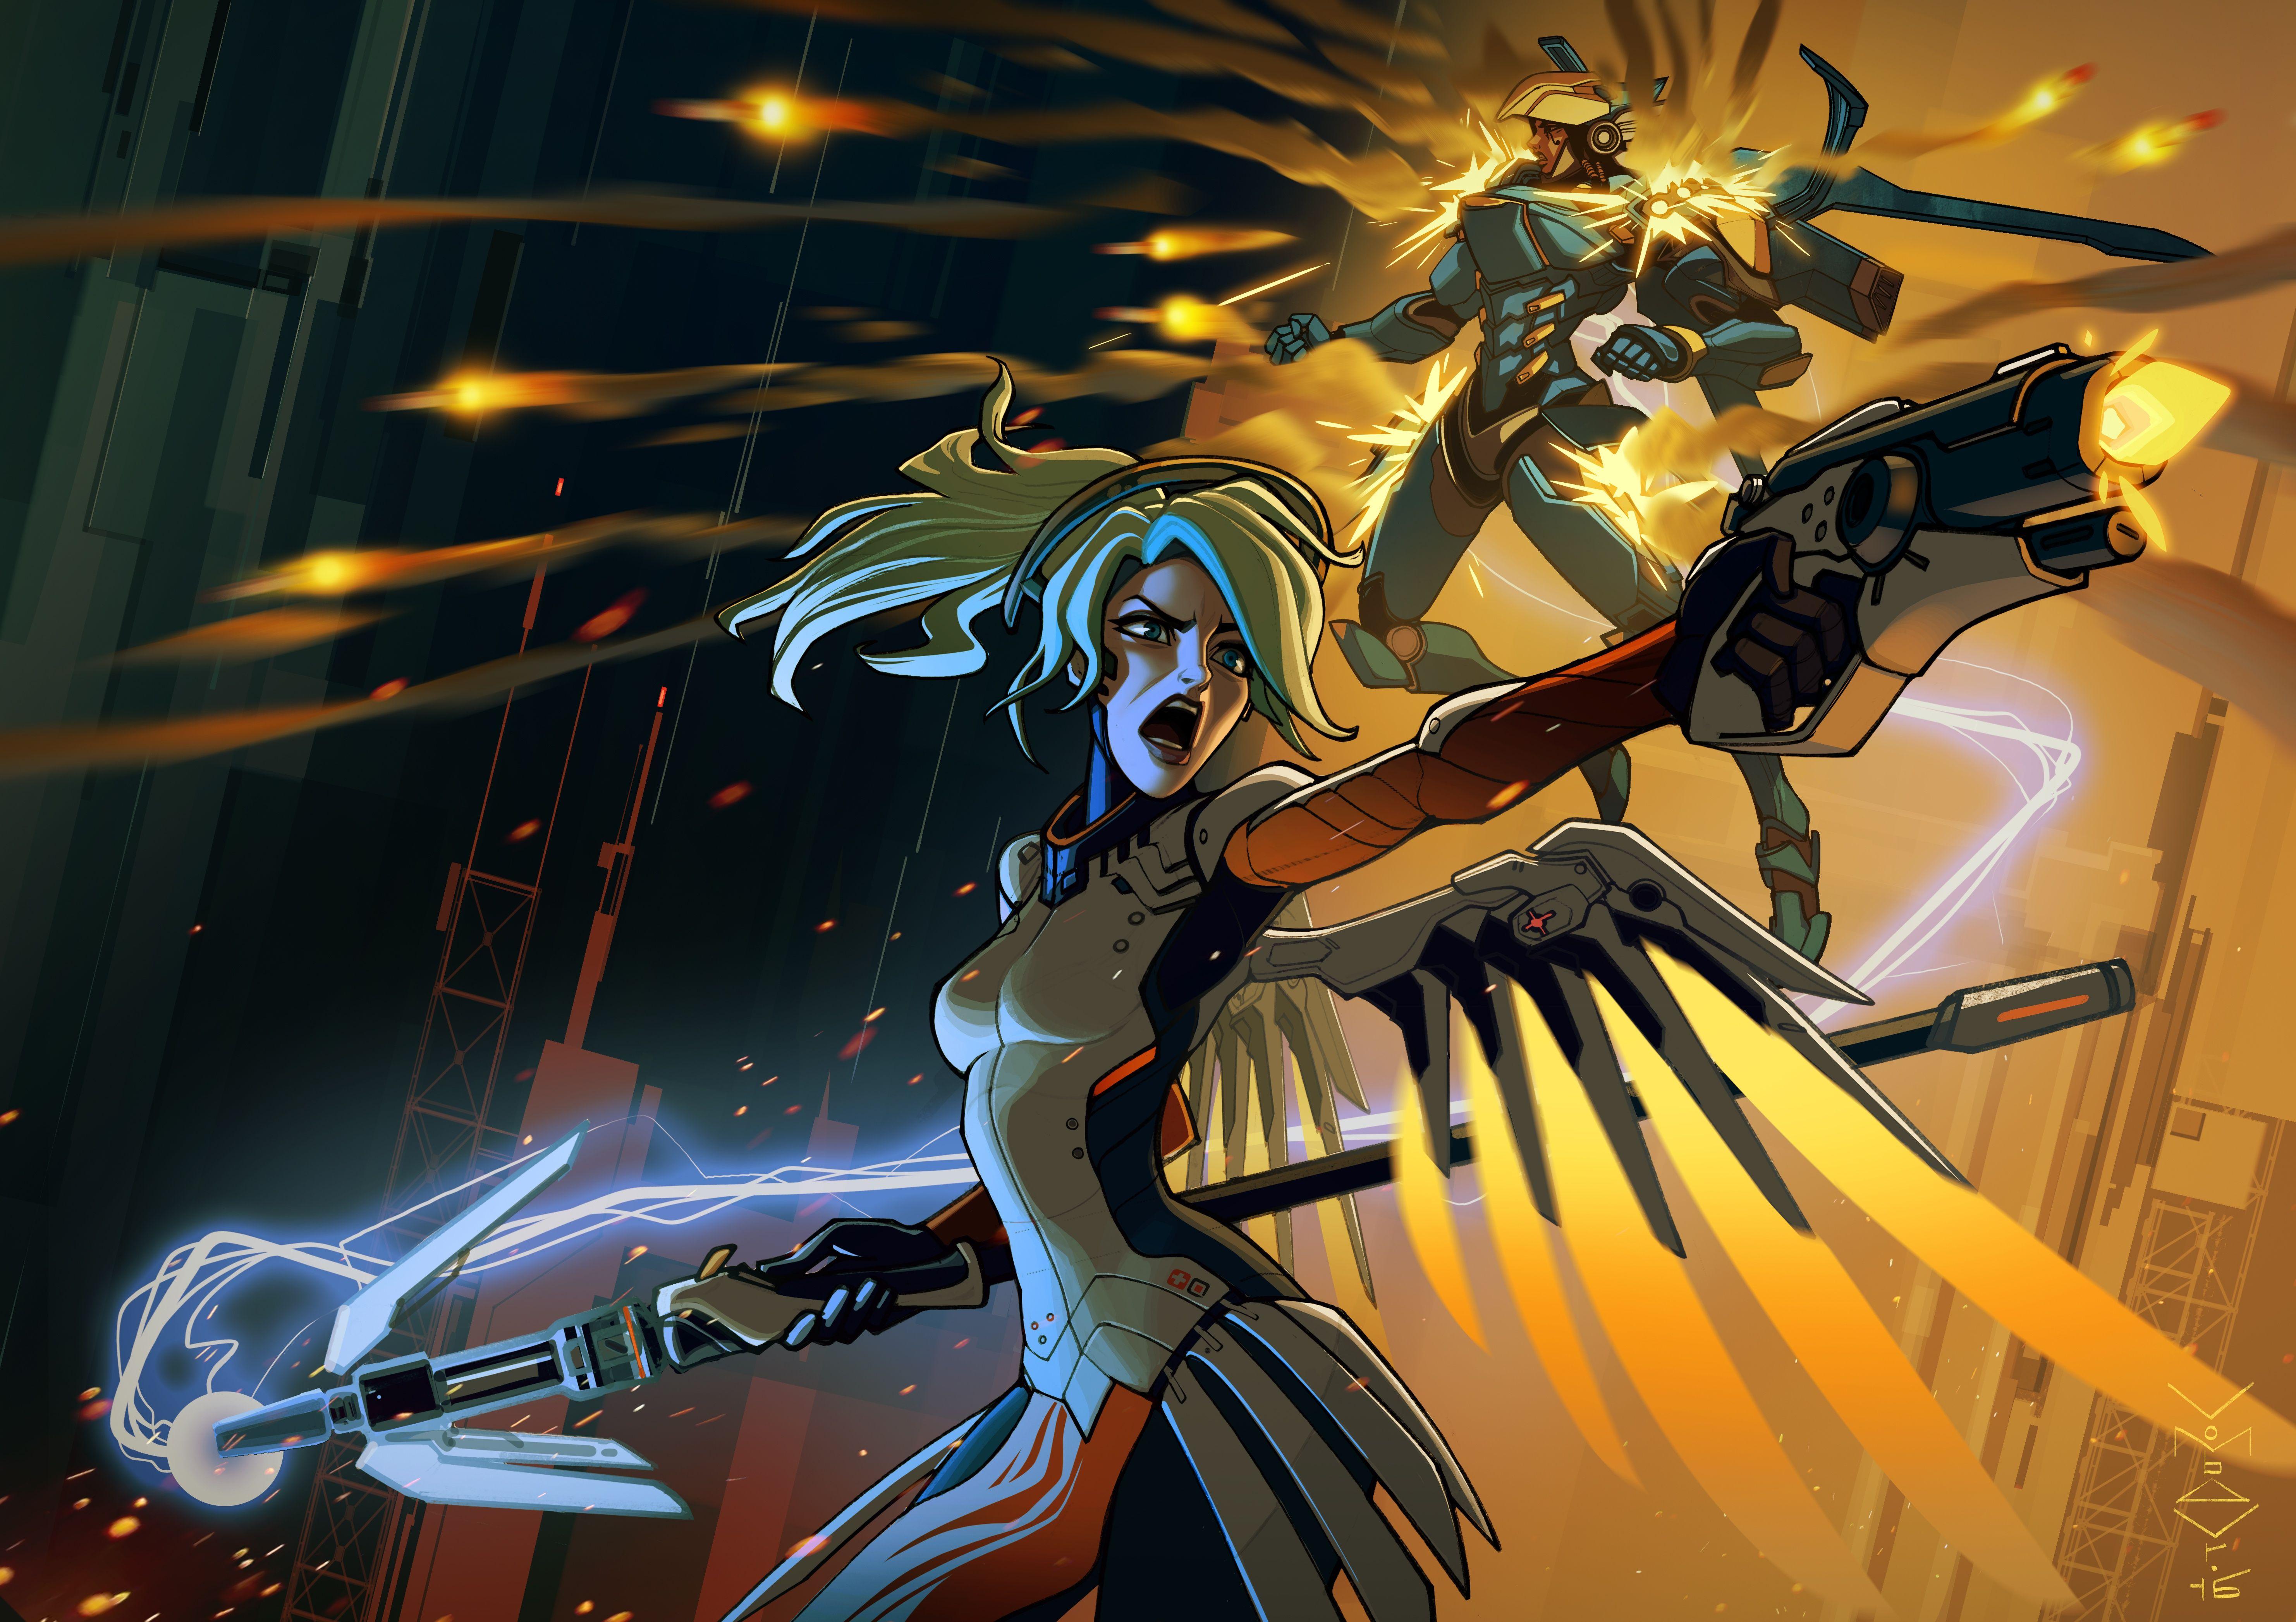 Mercy Overwatch Hd Wallpapers Backgrounds Wallpaper Overwatch Wallpapers Mercy Overwatch Overwatch Fan Art